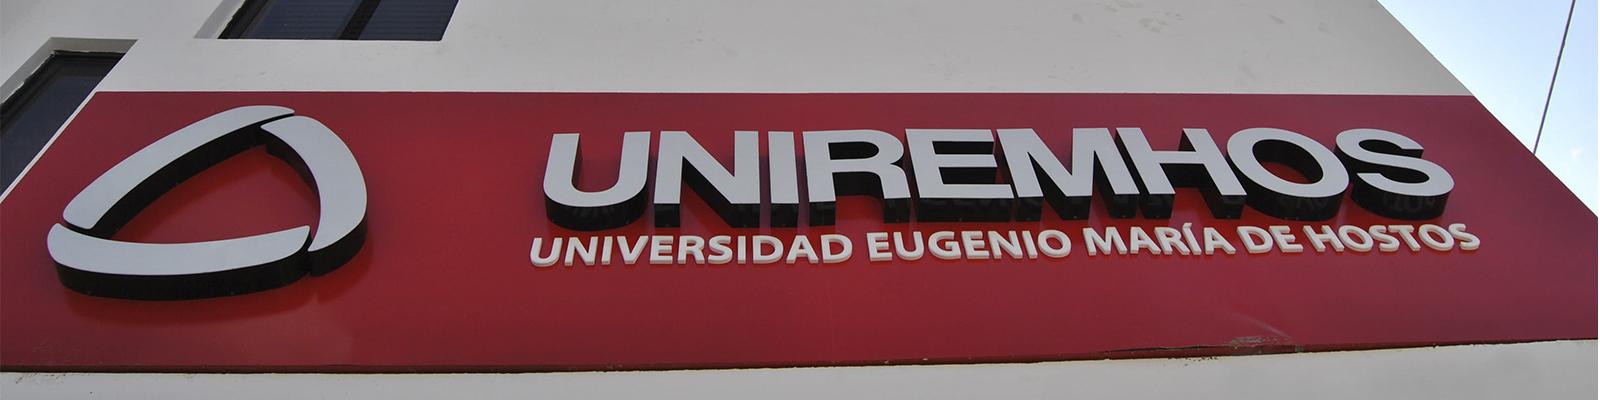 Universidad Eugenio María de Hostos ( UNIREMHOS )